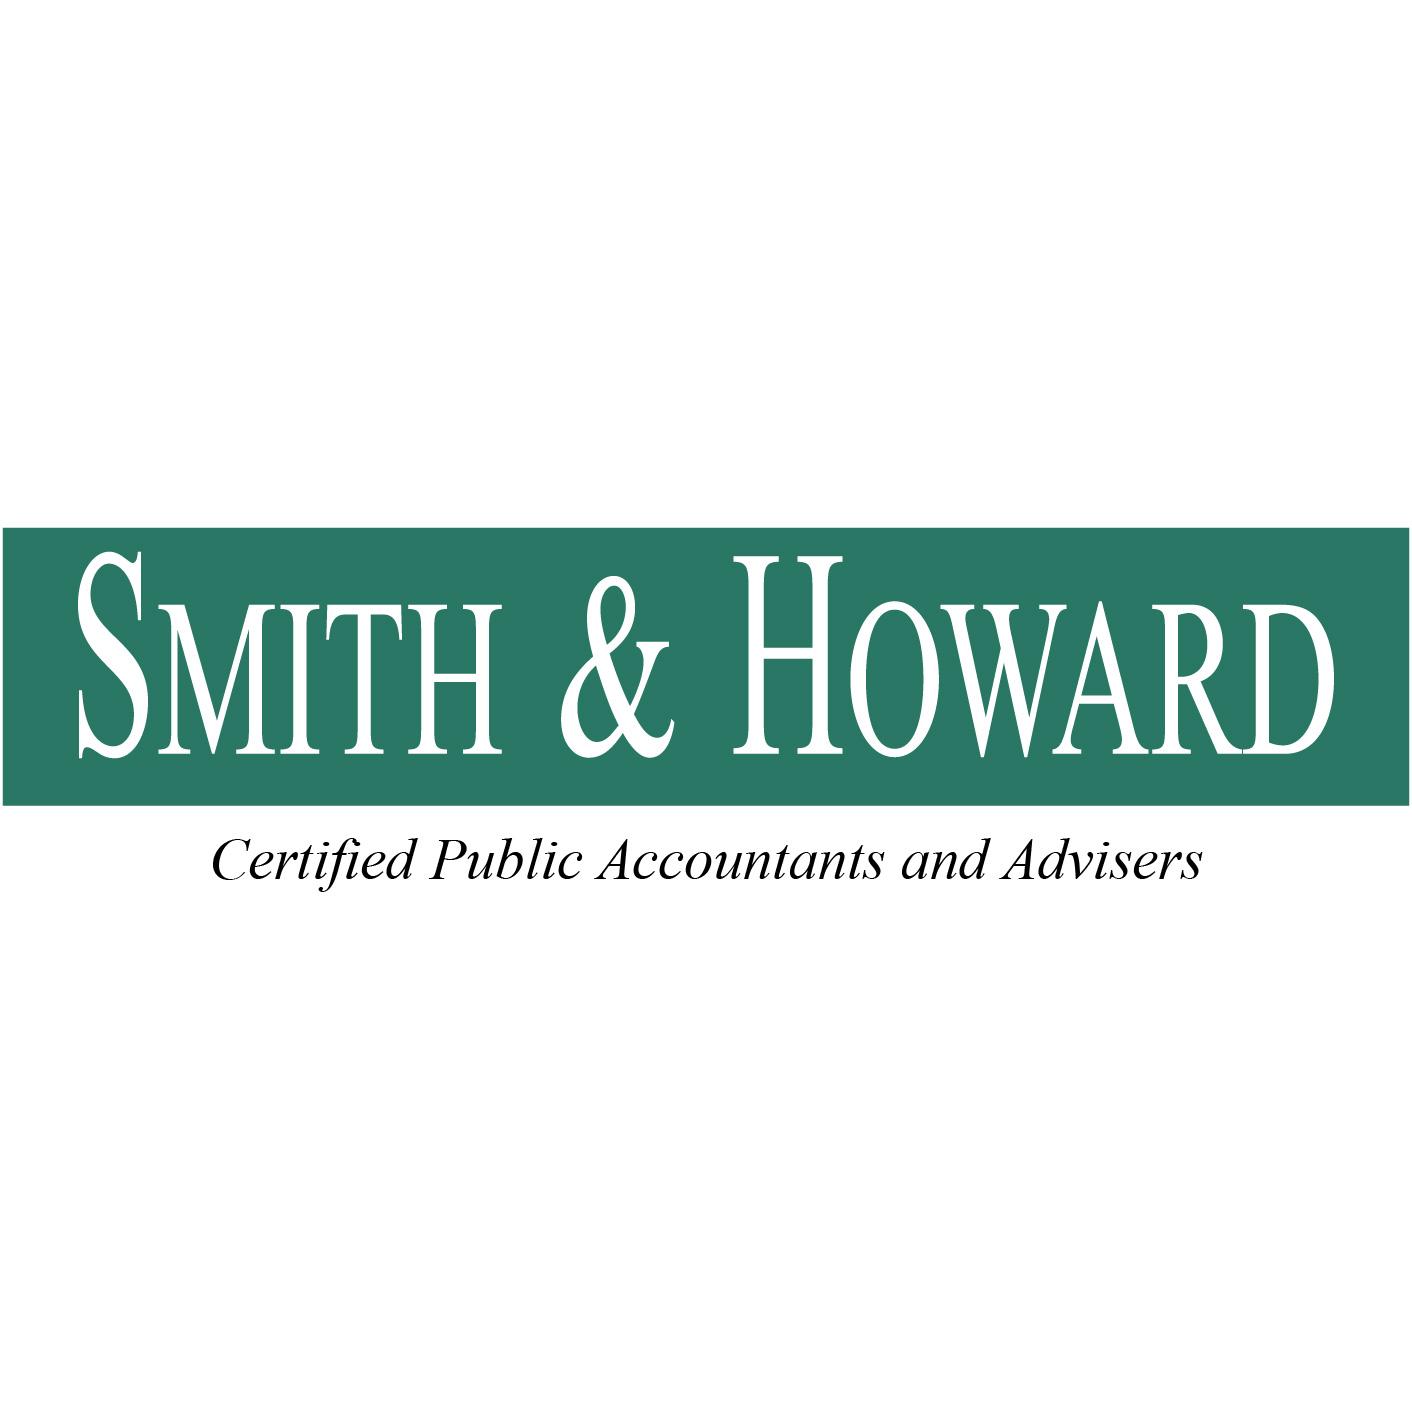 Smith & Howard, P.C. Company Logo